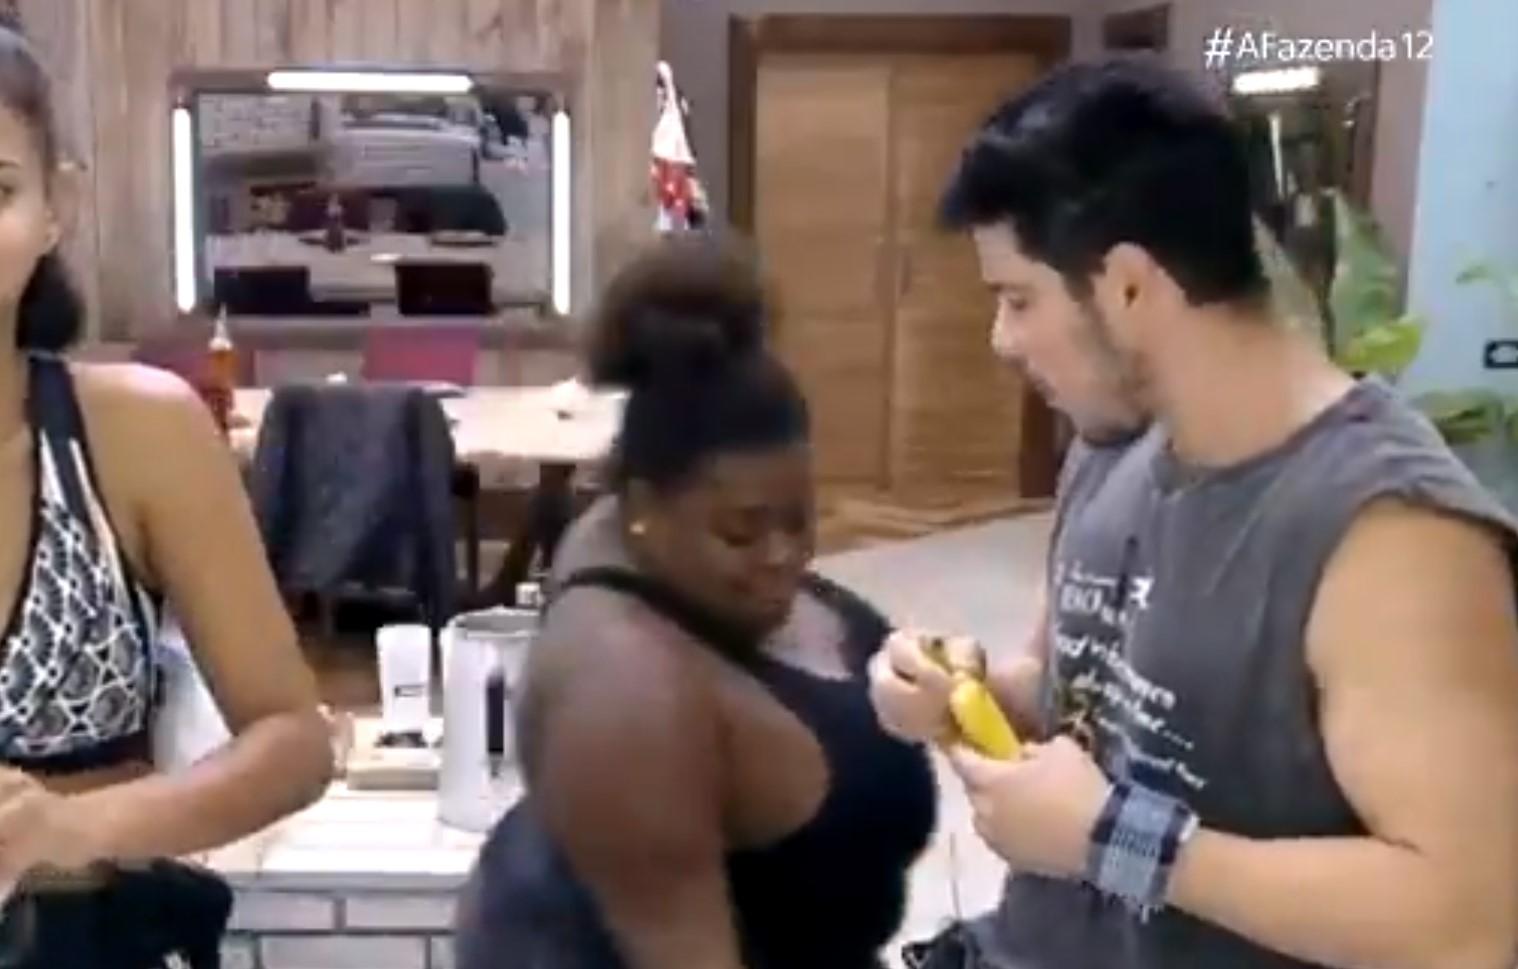 Jojo Todynho, na cozinha, pergunta a JP Gadêlha 'Sua mandioca é boa?', e  em seguida aparentemente apalpa parte íntima do colega.